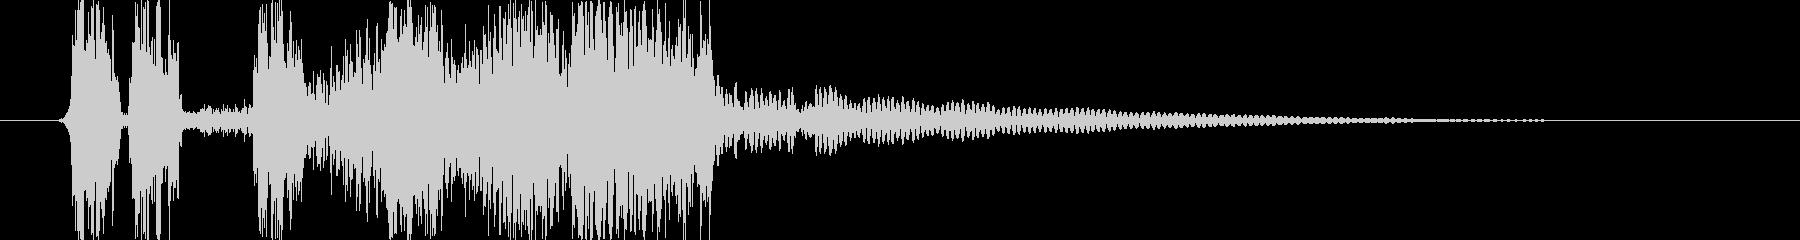 トランジション フラッシュ23の未再生の波形